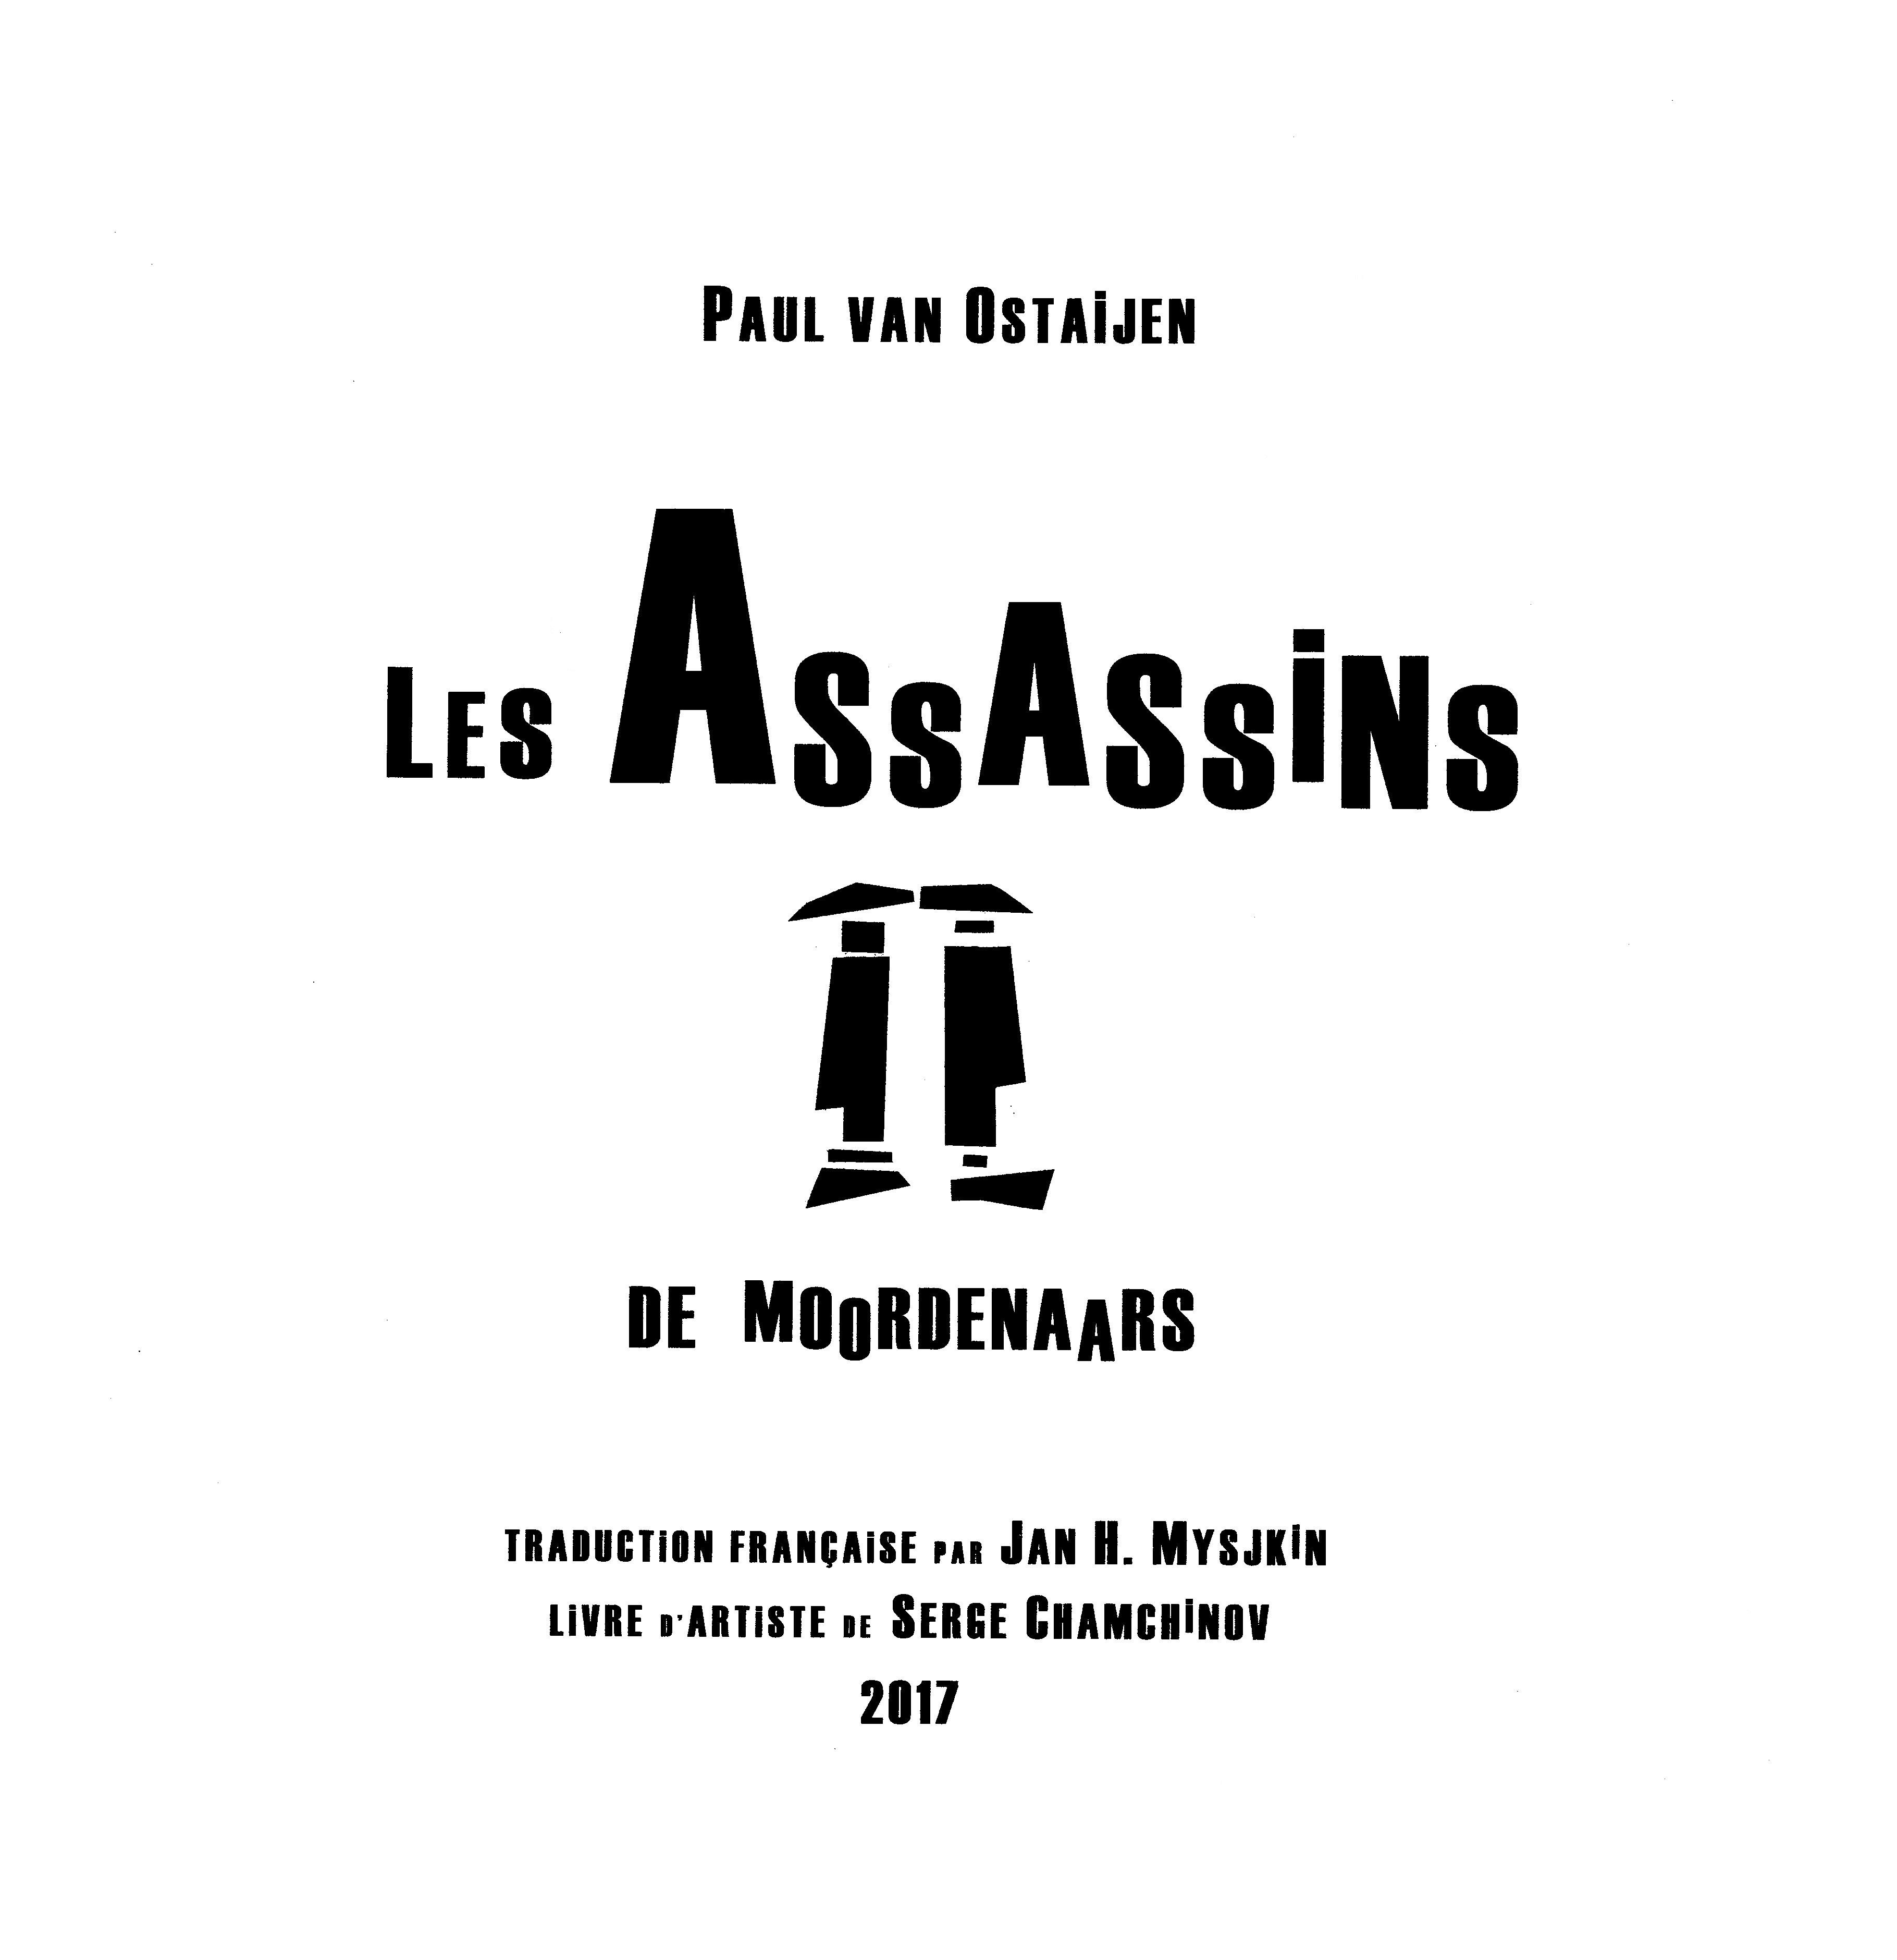 Paul van Ostaijen, Les Assassins (De Moordenaars)